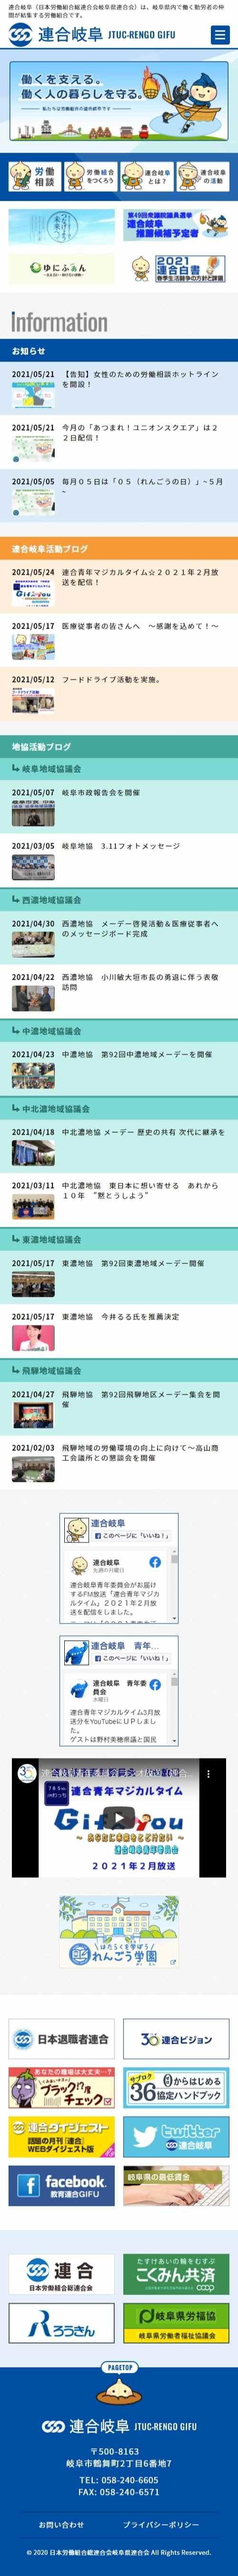 連合岐阜 | 岐阜県内で働く勤労者の仲間が結集する労働組合